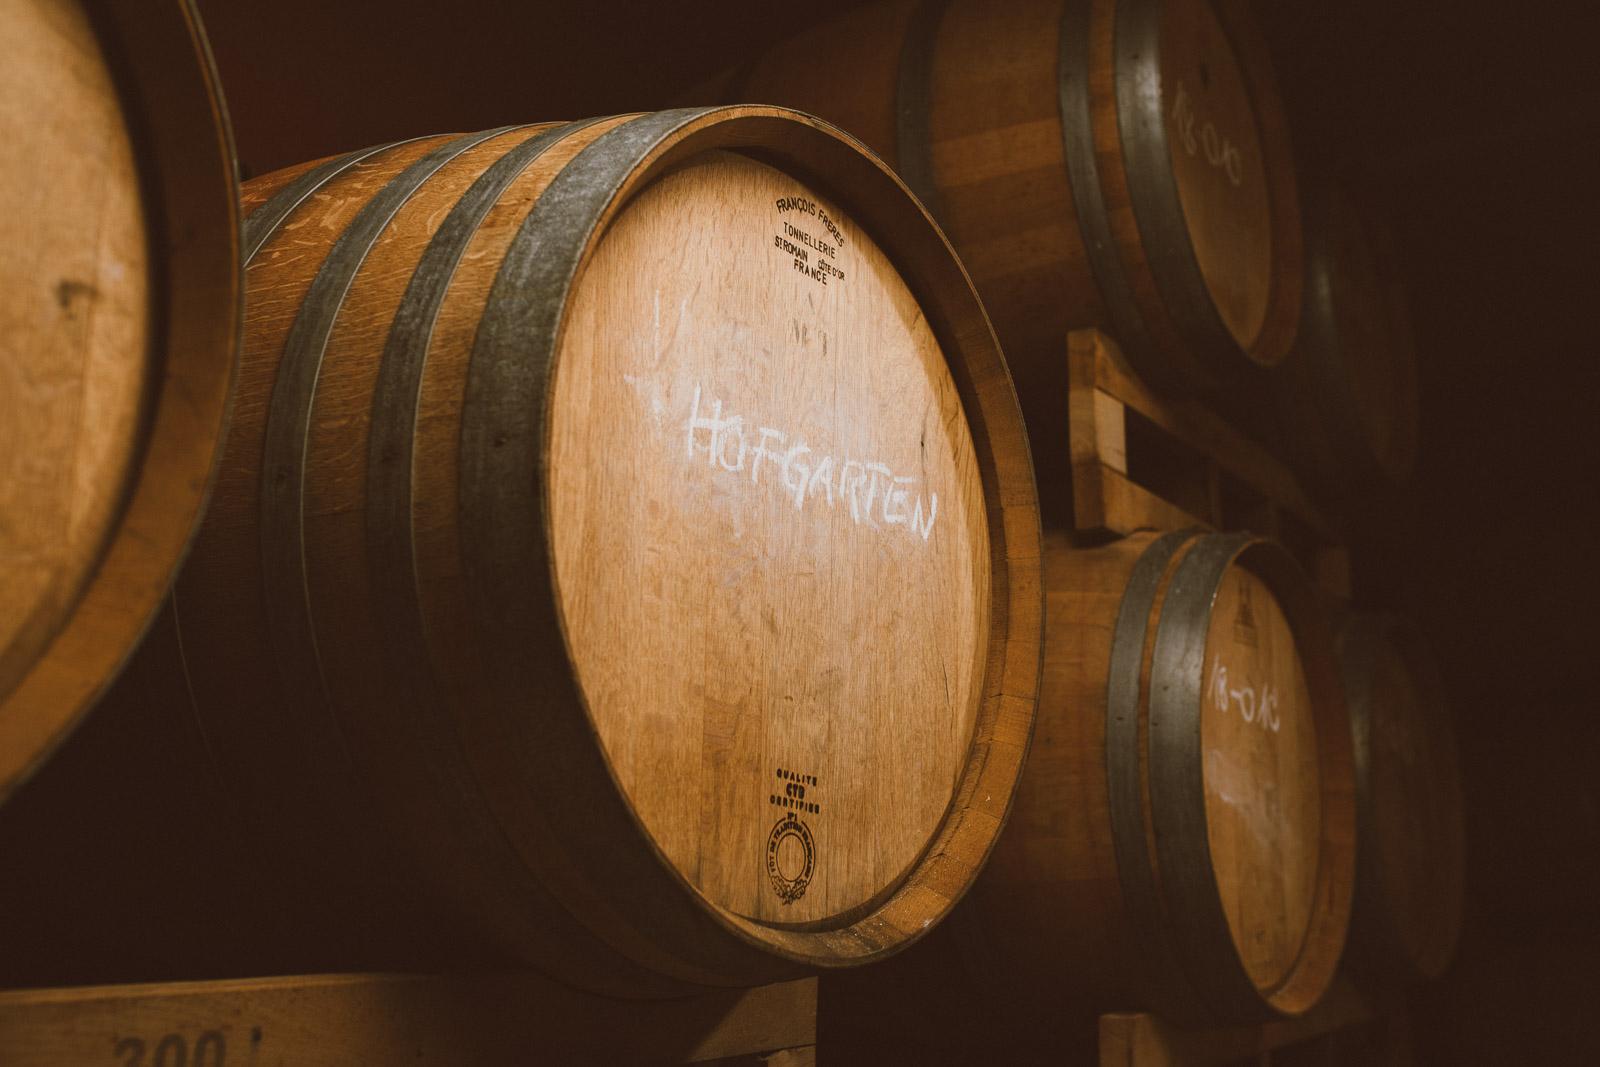 Pinot-Noir-im-Holz-ausgebaut-Nahe